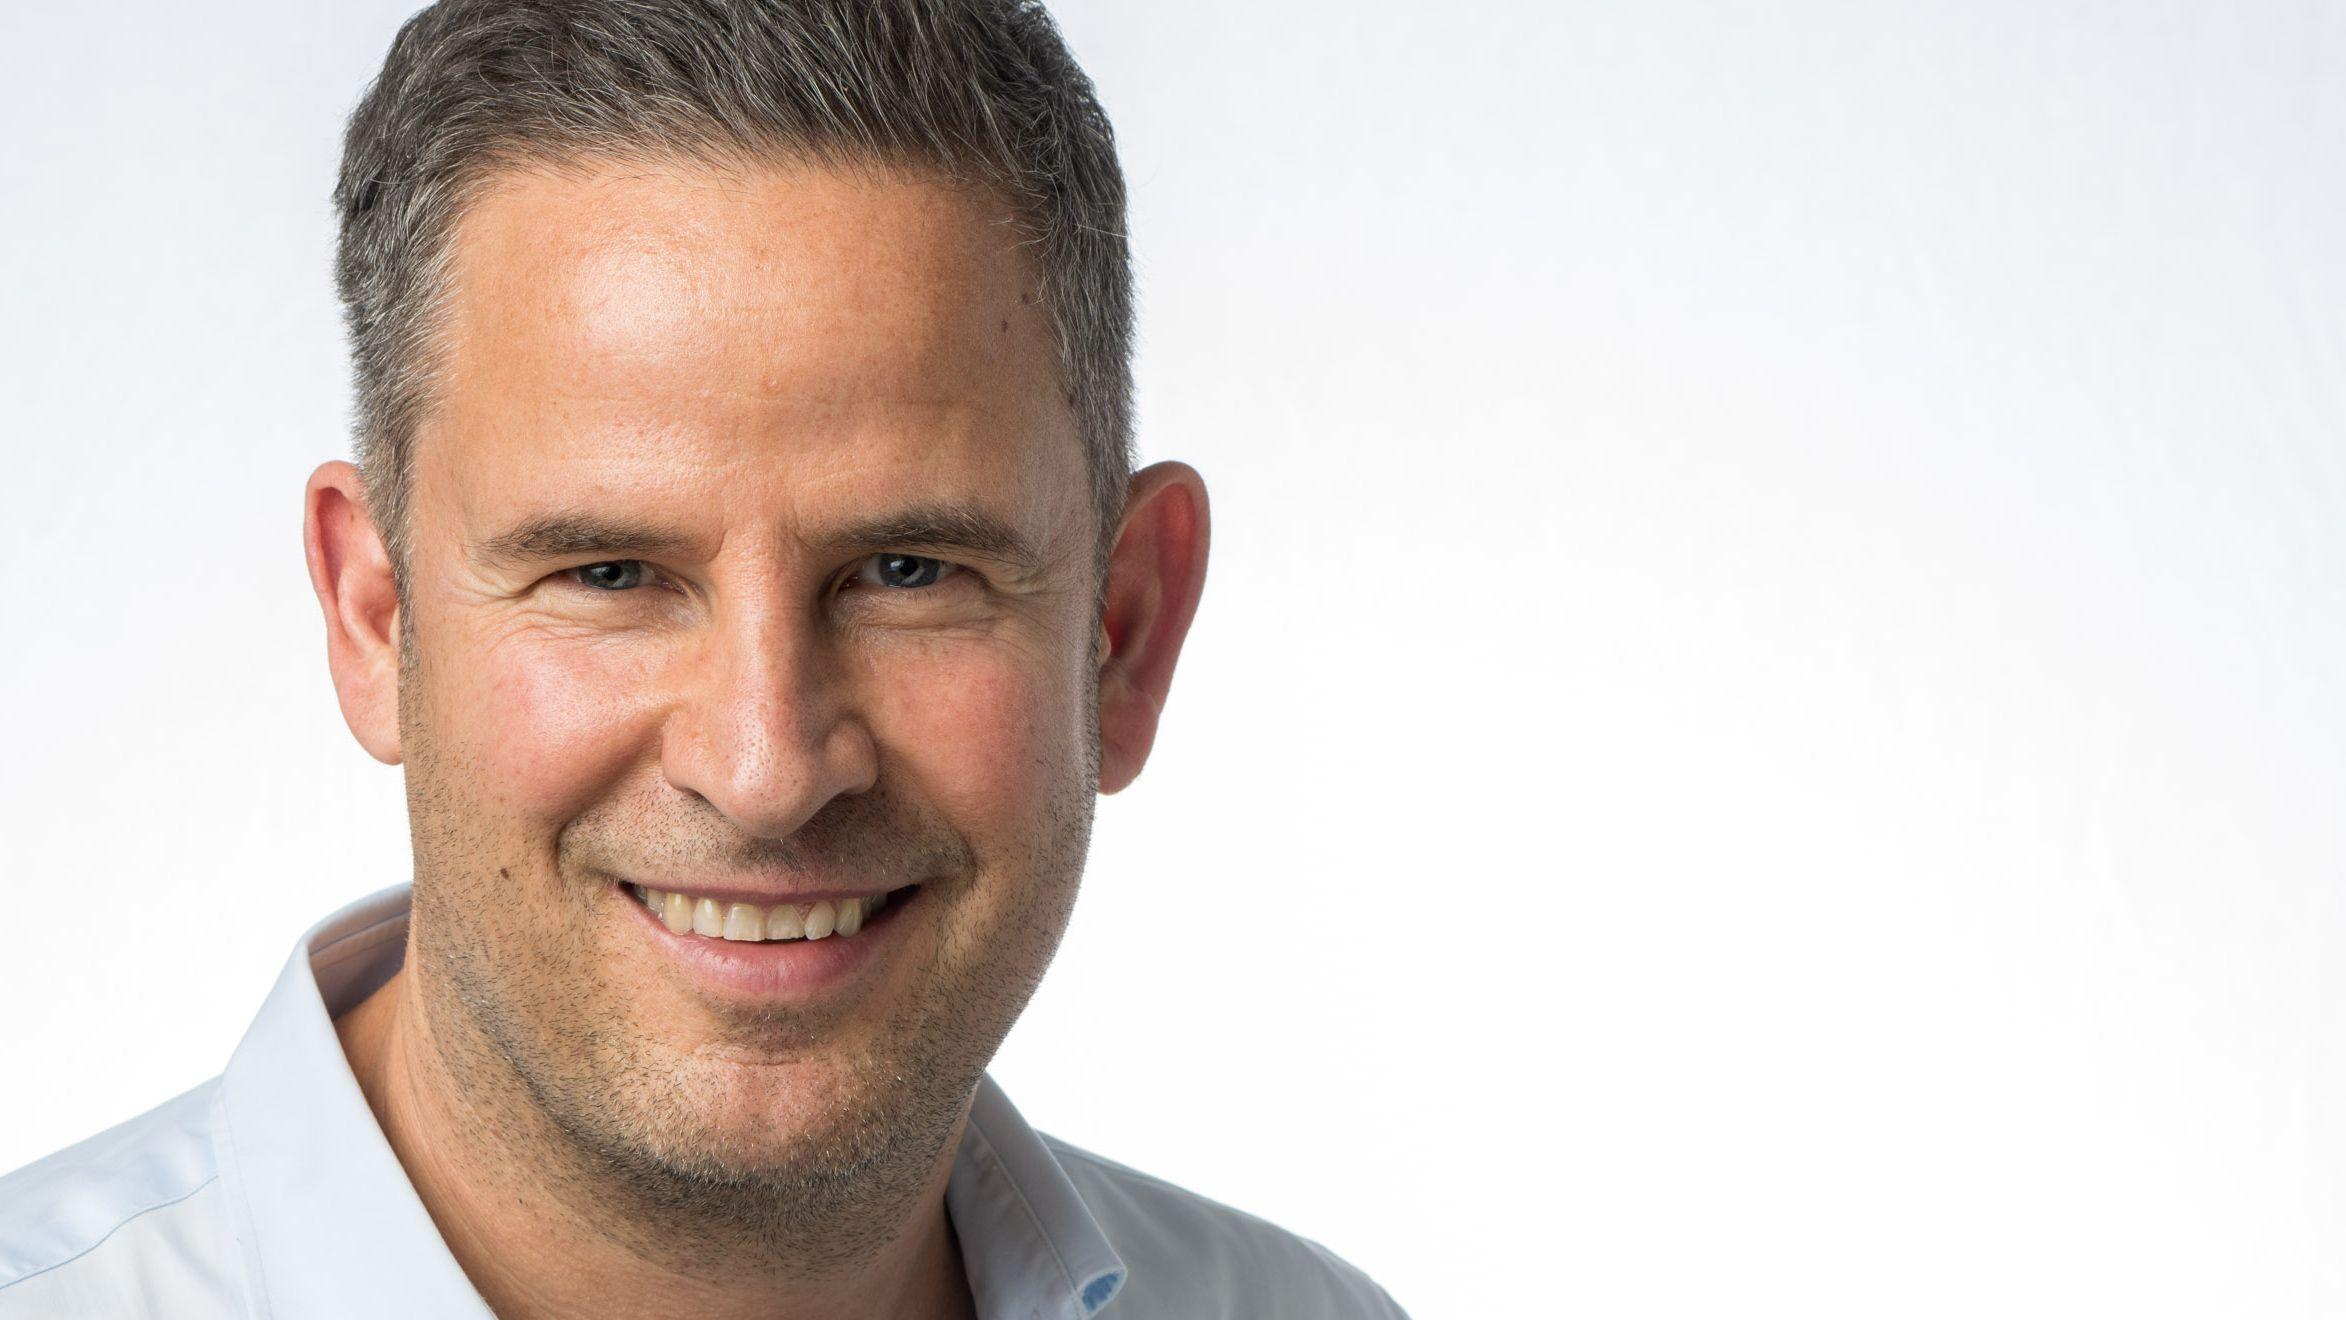 """""""Analoge Markenerlebnisse mit digitaler Strahlkraft"""": So will Axel Springer """"Leuchtturm-Events"""" erschaffen und zur Werbevermarktung nutzen"""